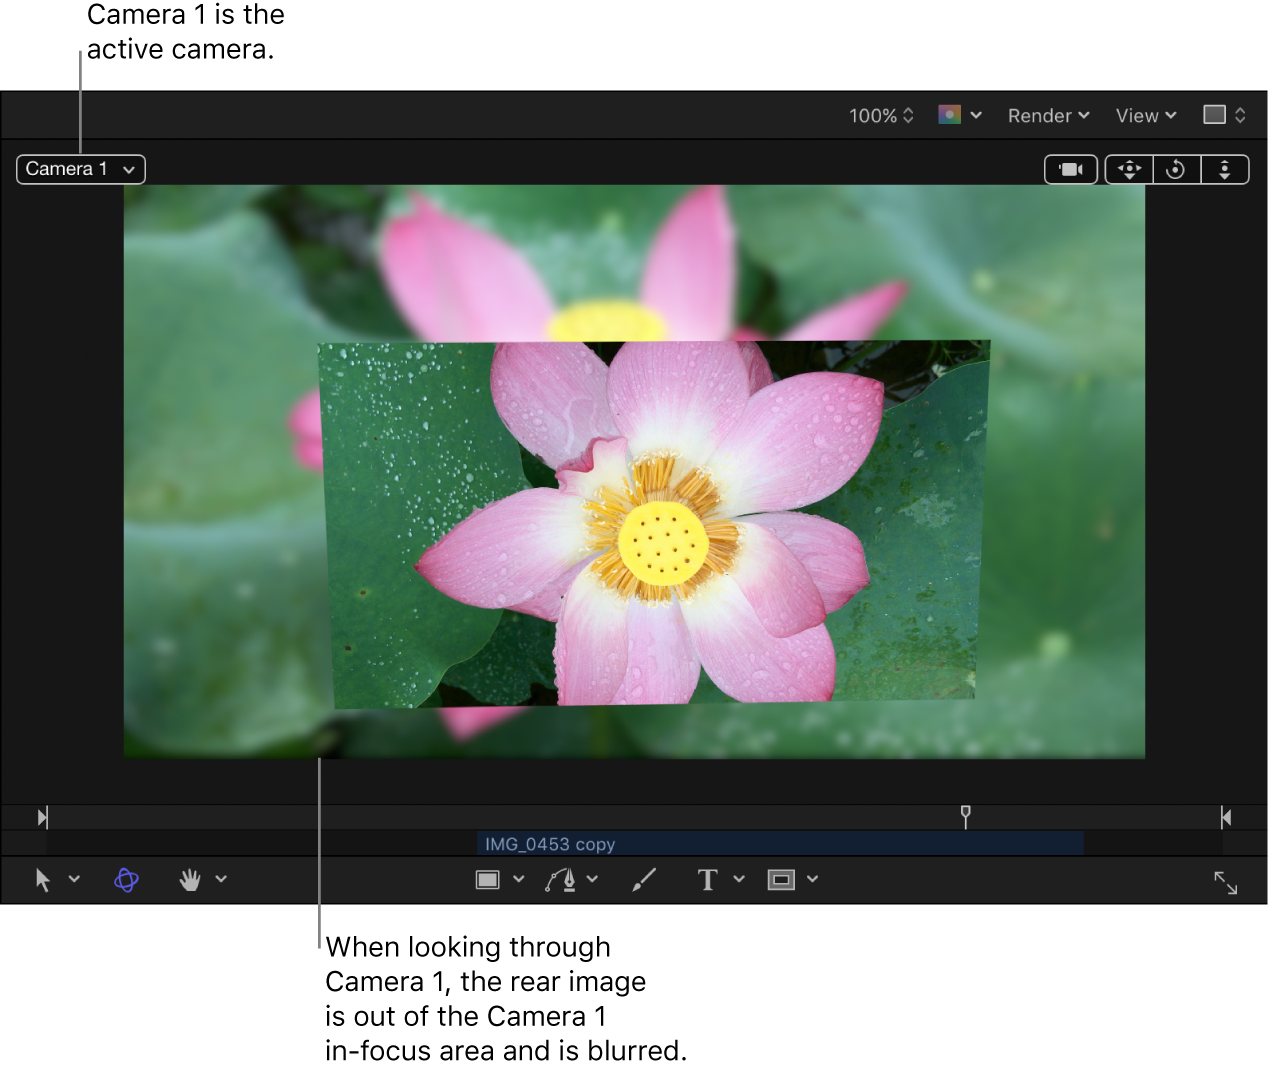 Canvas mit einer Kamera, deren Schärfentiefeneffekt sichtbar ist